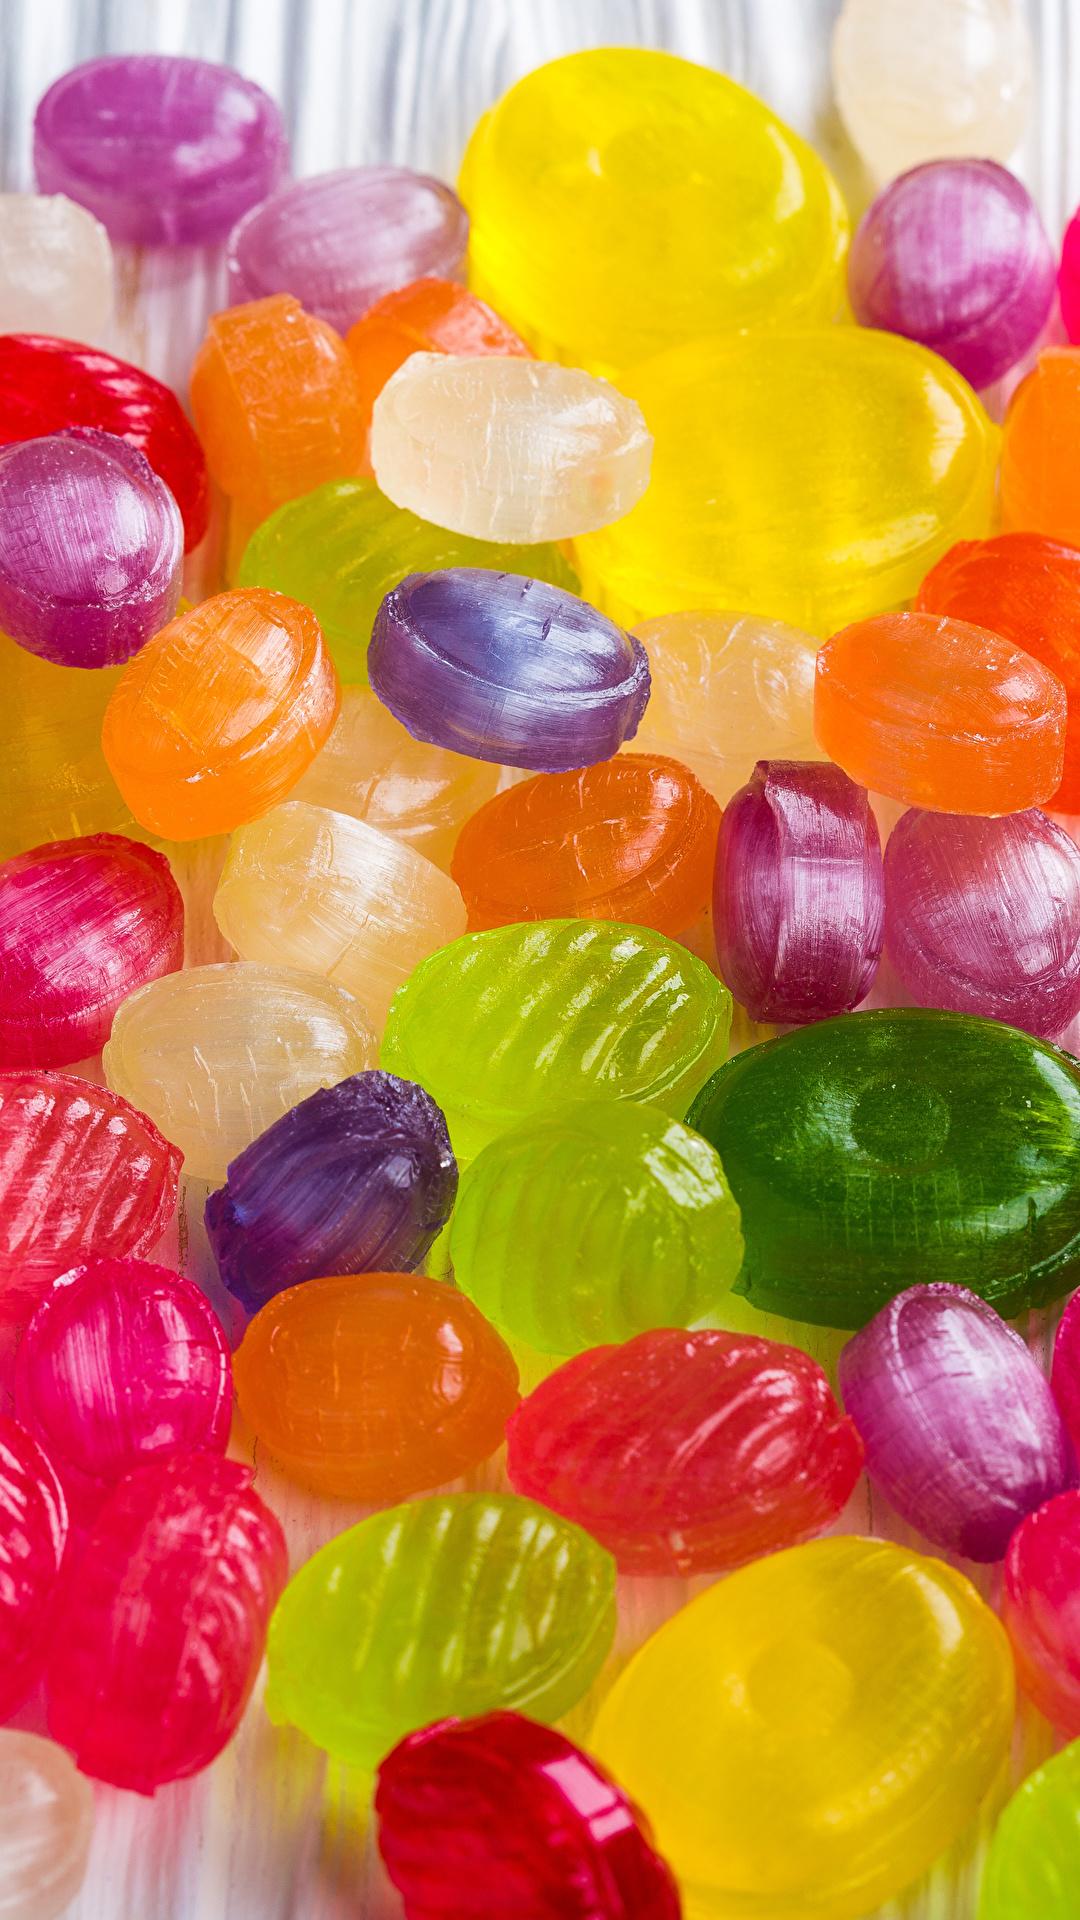 Картинка Разноцветные Конфеты Леденцы Еда Много Сладости 1080x1920 для мобильного телефона Пища Продукты питания сладкая еда